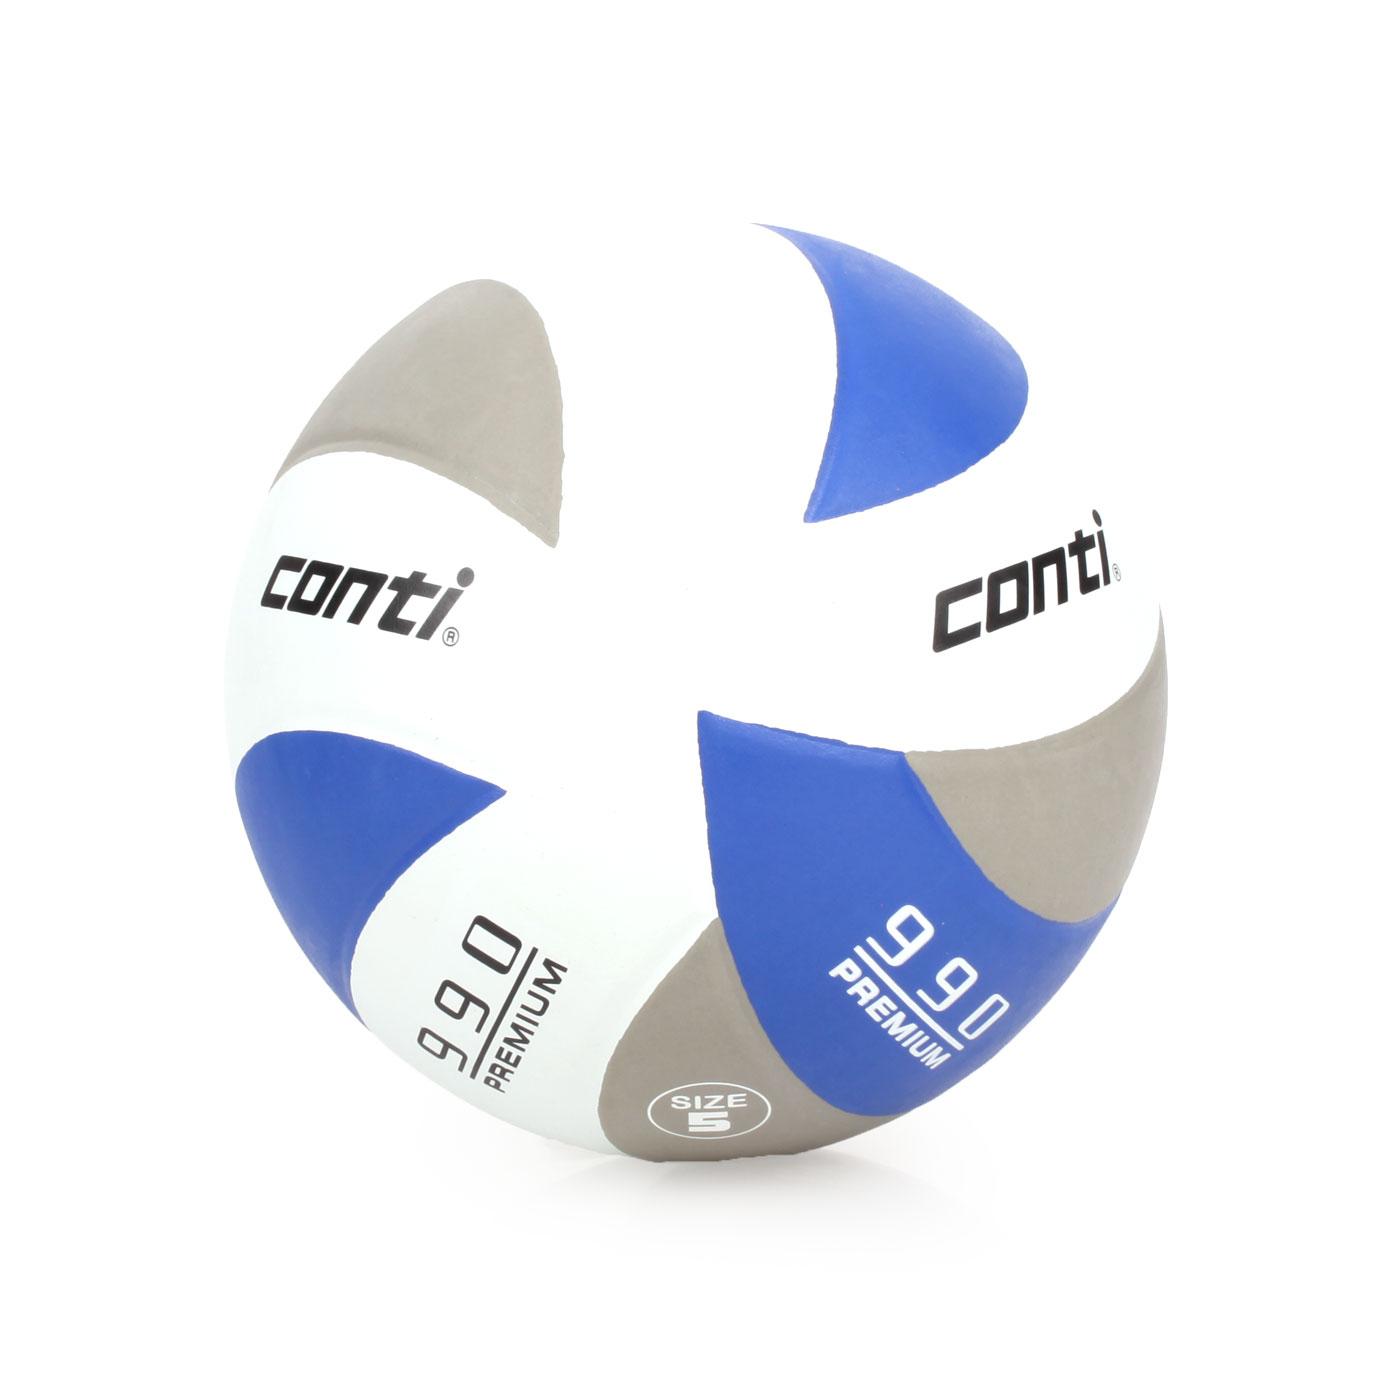 詠冠conti 5號頂級超世代橡膠排球 CONTIV990-5-WBKO - 灰藍白